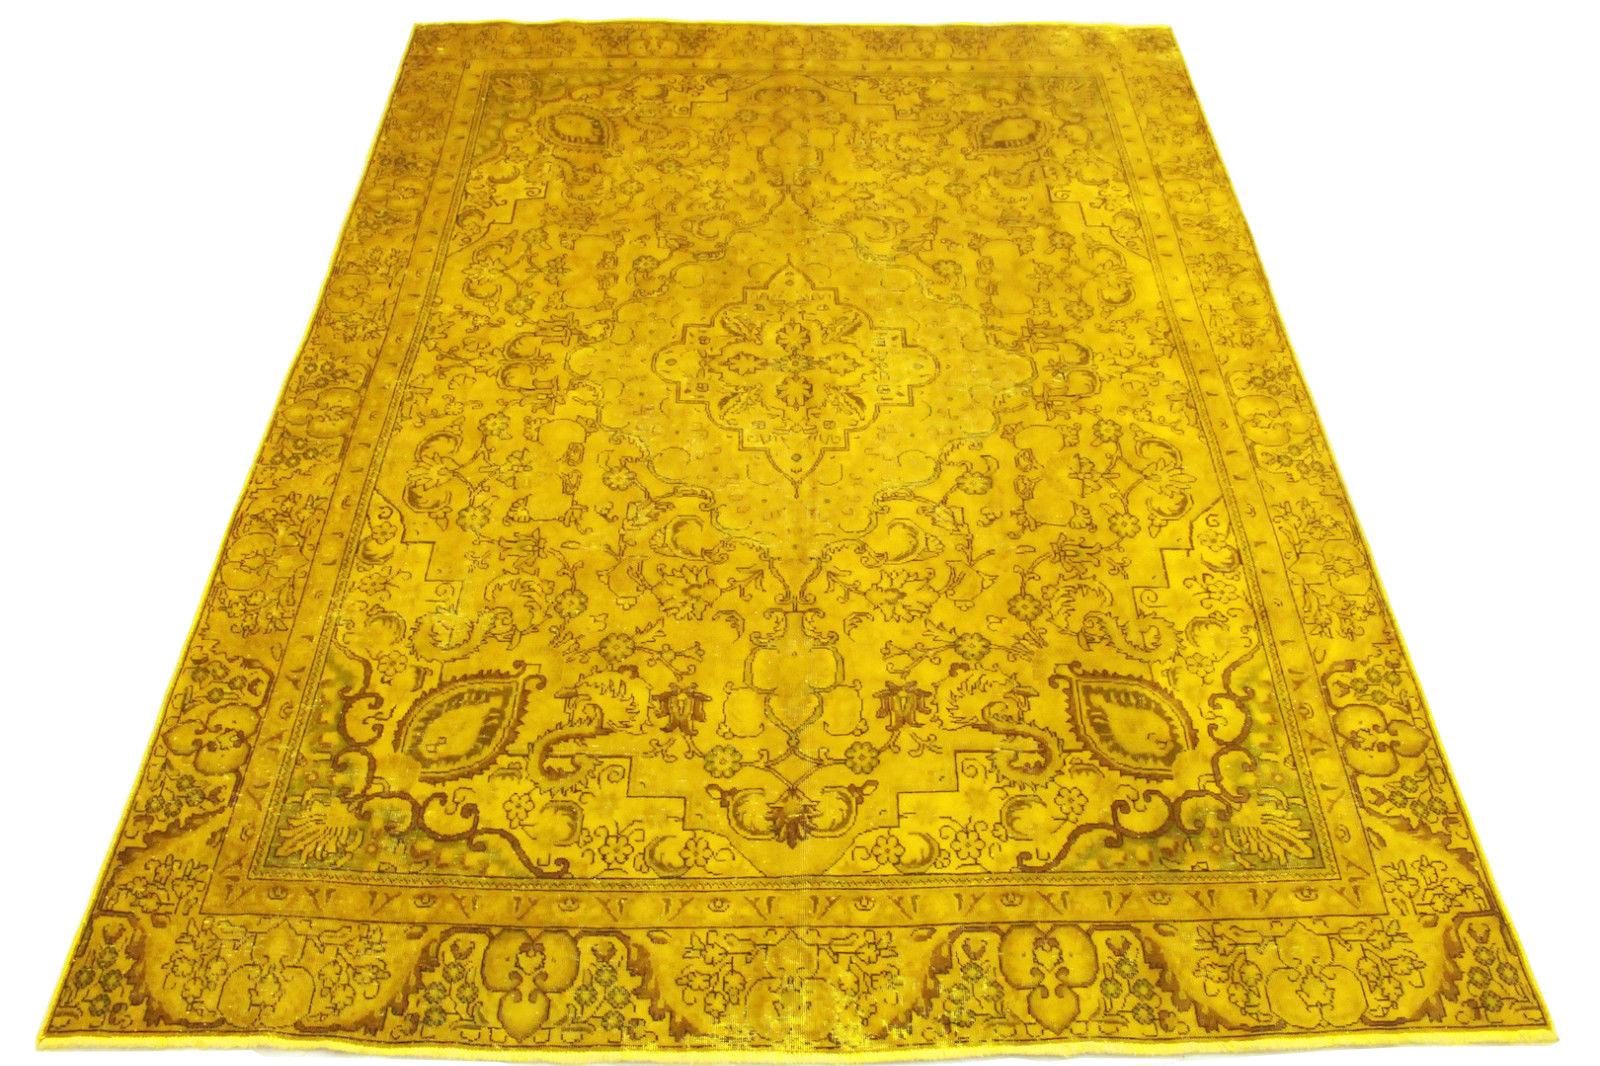 vintage teppich gold in 360x270cm 1001 3209. Black Bedroom Furniture Sets. Home Design Ideas